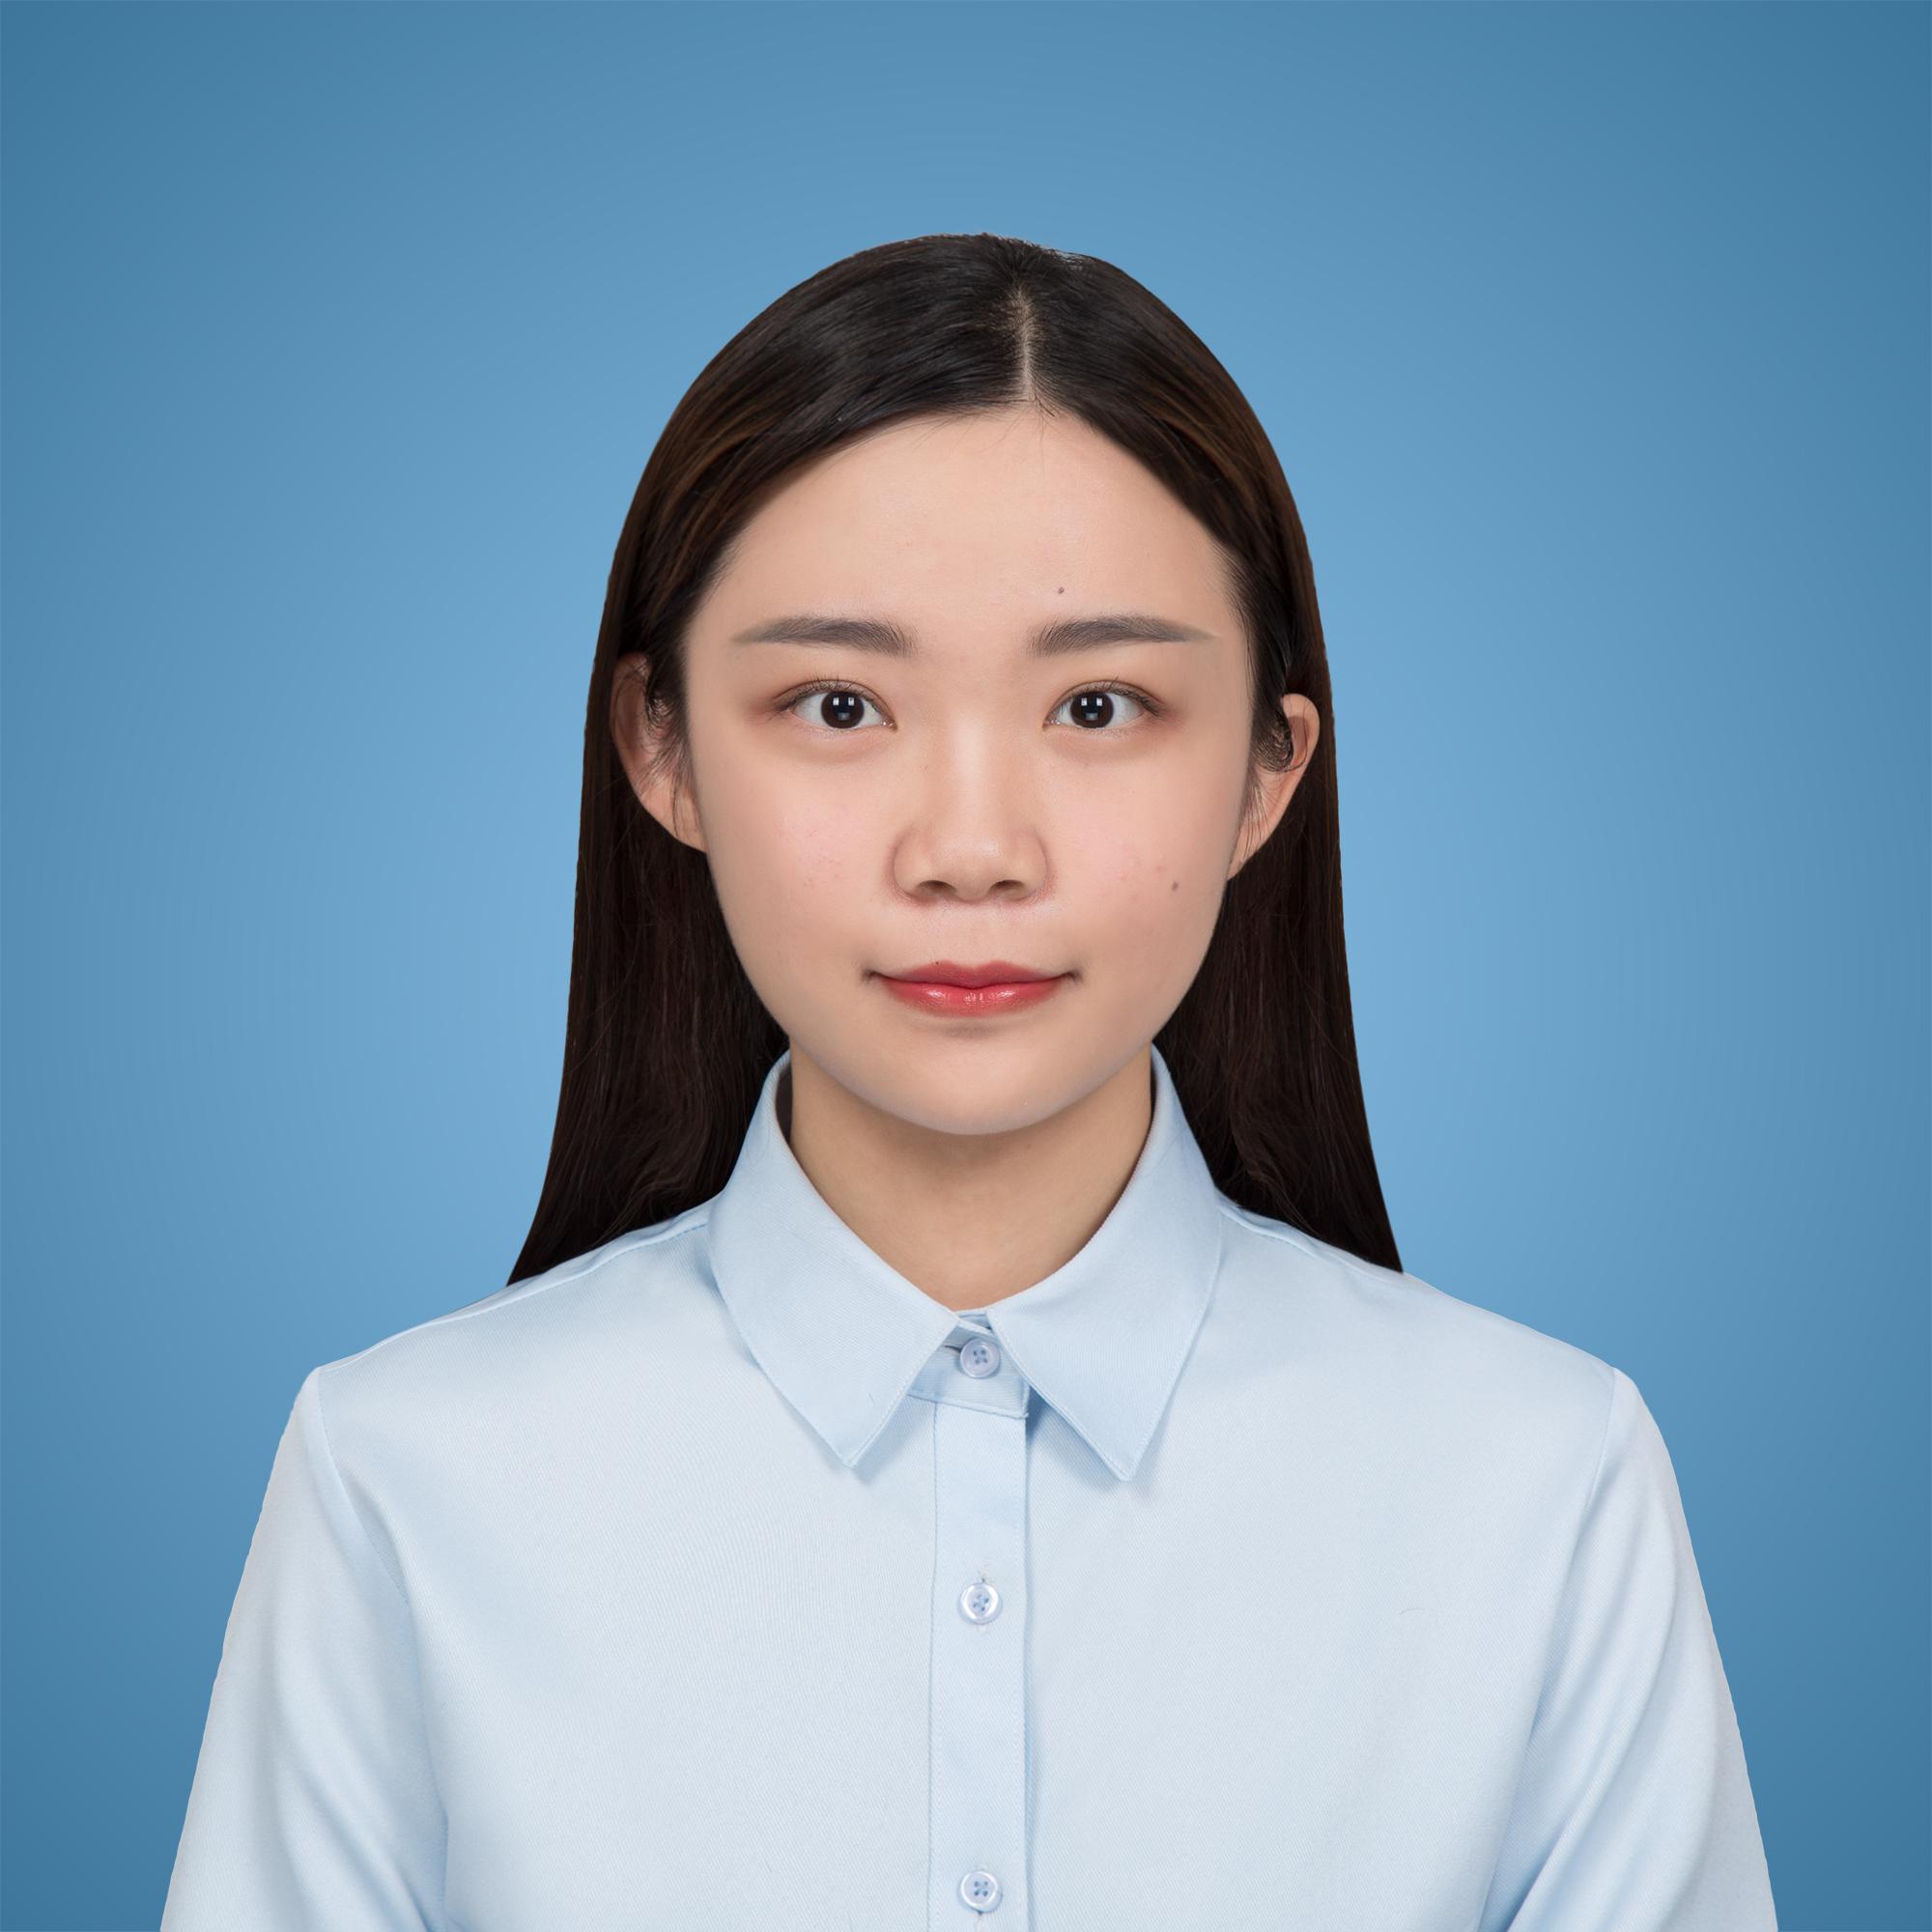 广州家教梁教员